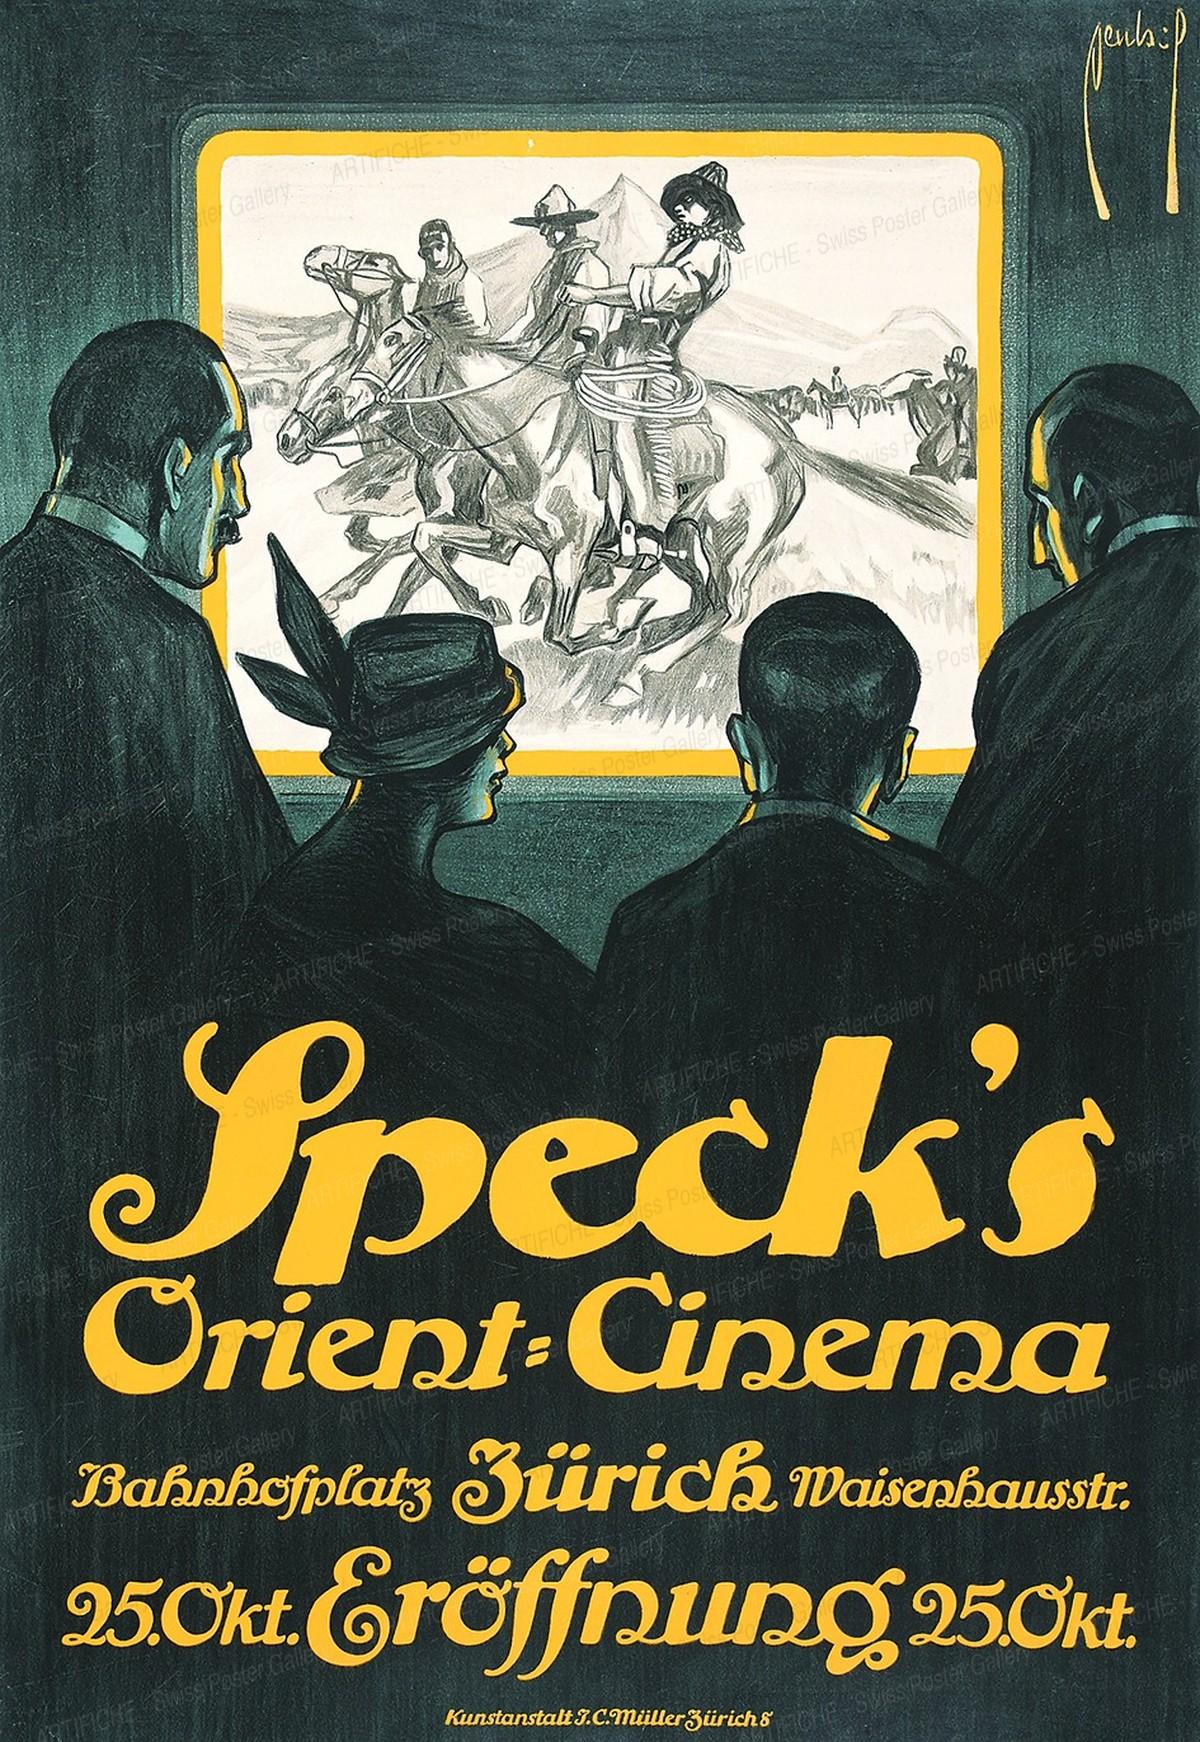 Speck's Orient-Cinema Bahnhofplatz Zürich, Ernst Dryden